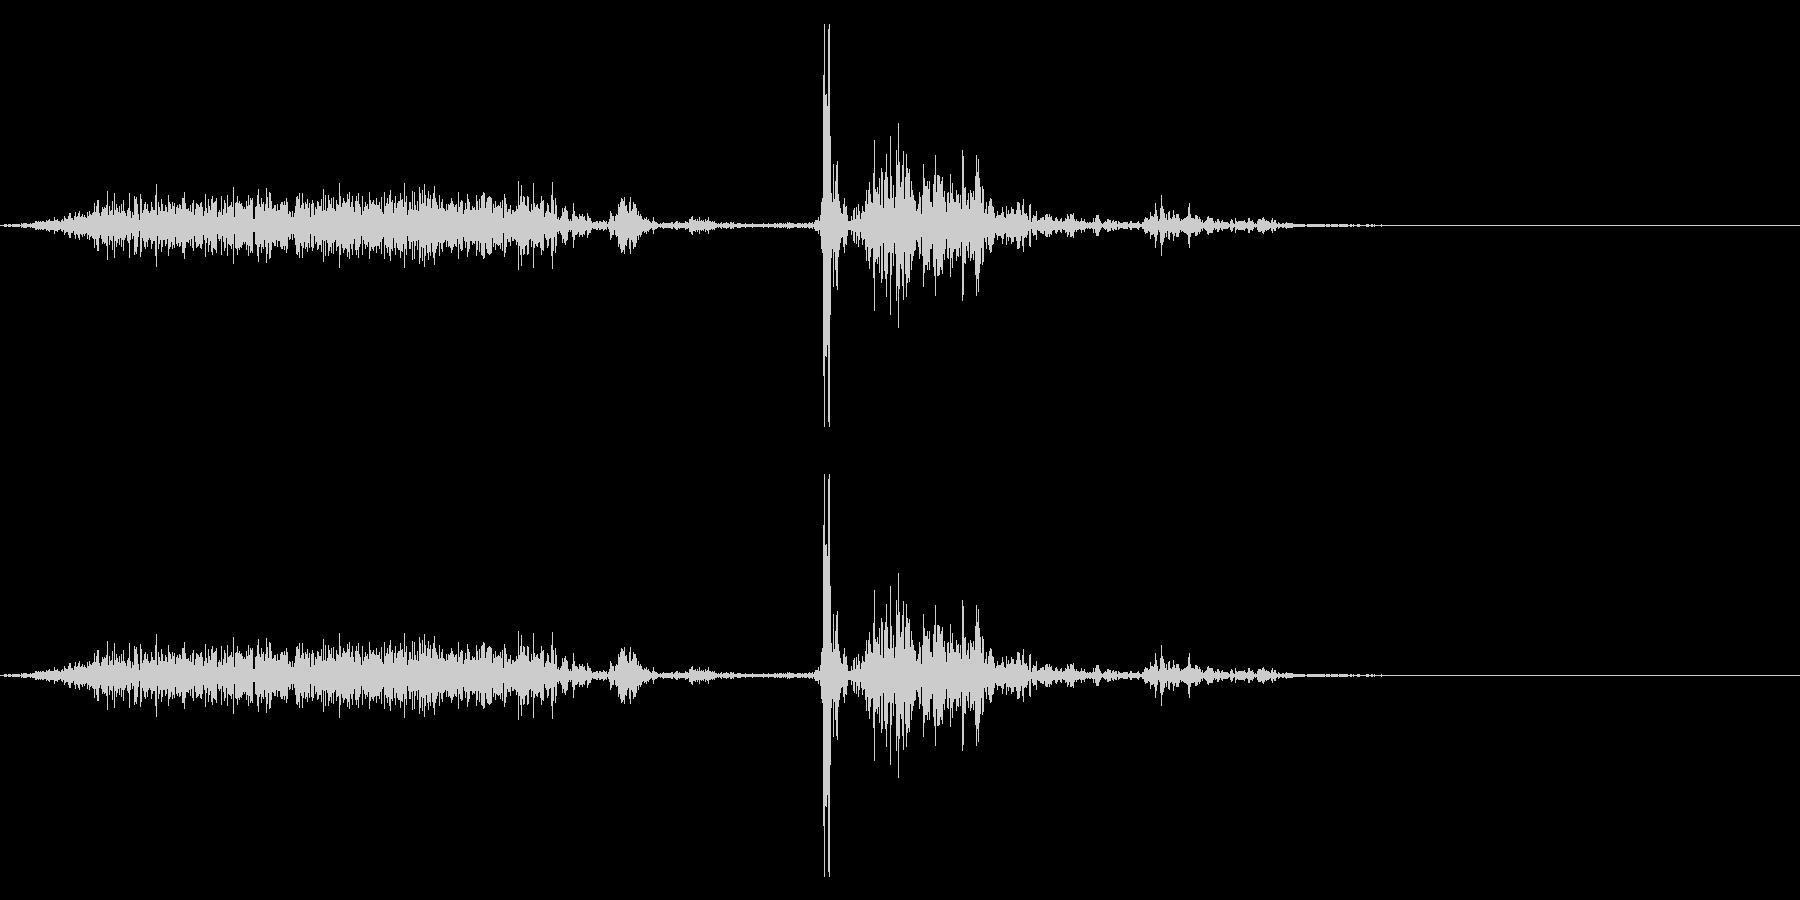 【生録音】本のページをめくる音 16の未再生の波形